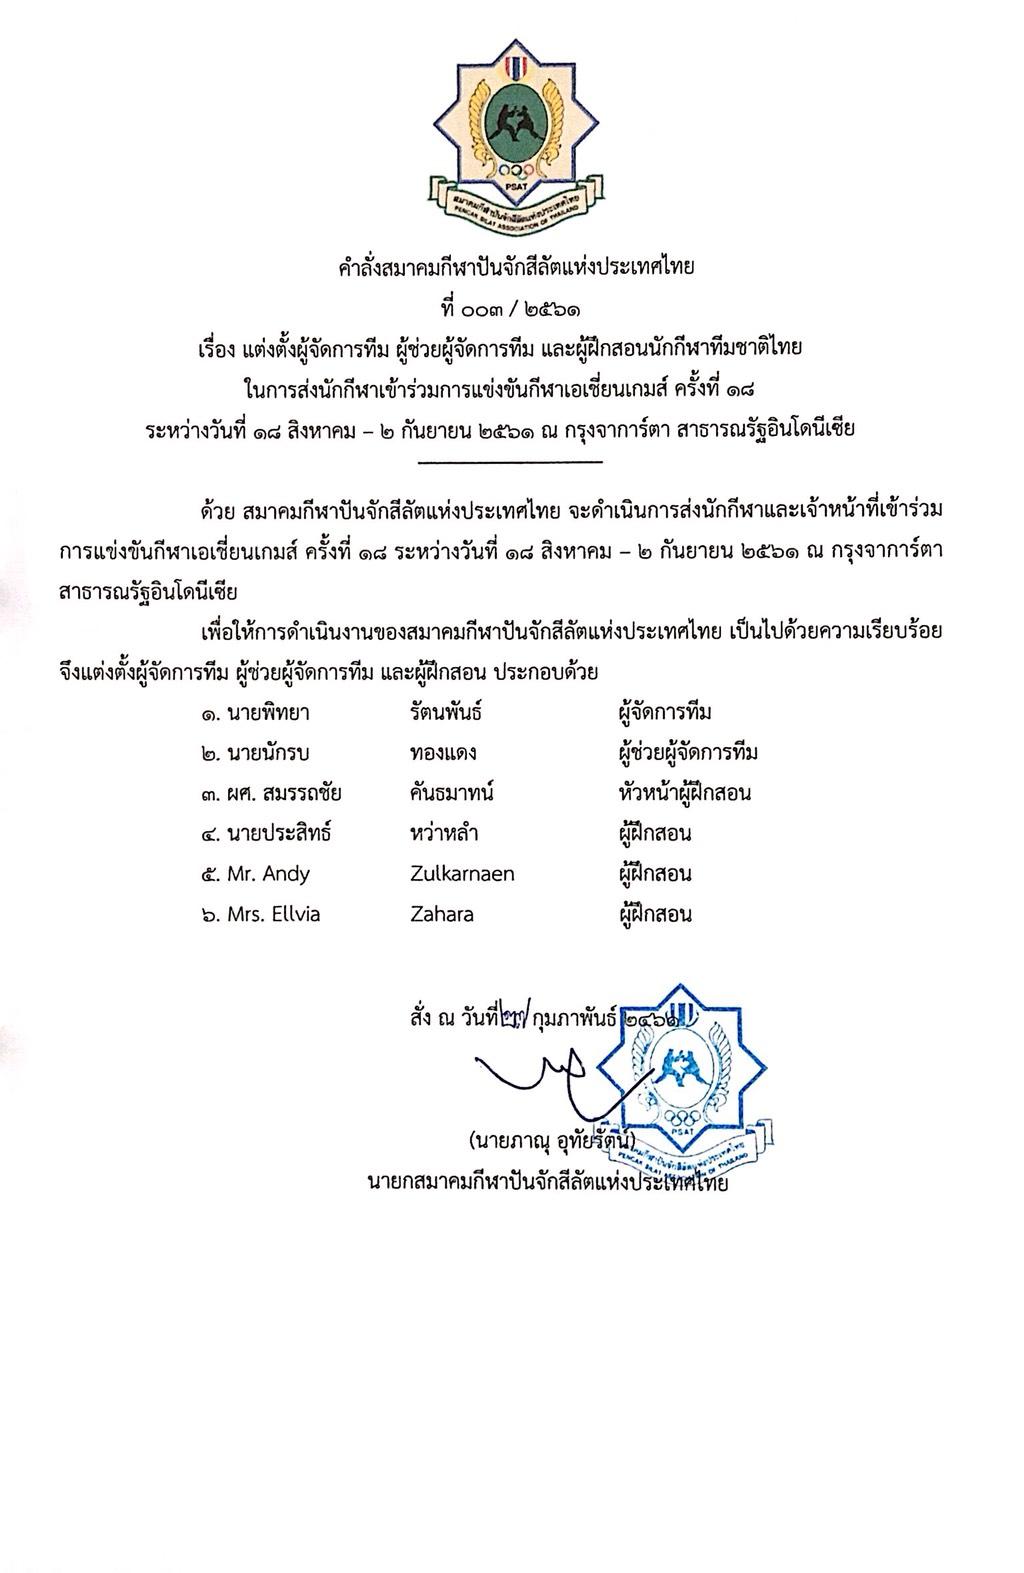 คำสั่งสมาคมกีฬาปันจักสีลัตแห่งประเทศไทย ที่ 003/2561 เรื่องแต่งตั้งผู้จัดการทีม ผู้ช่วยผู้จัดการทีม และผู้ฝึกสอนทีมชาติไทย ในการส่งนักกีฬาเข้าร่วมการแข่งขันดีฬาเอเชียนเกมส์ครั้งที่ 18